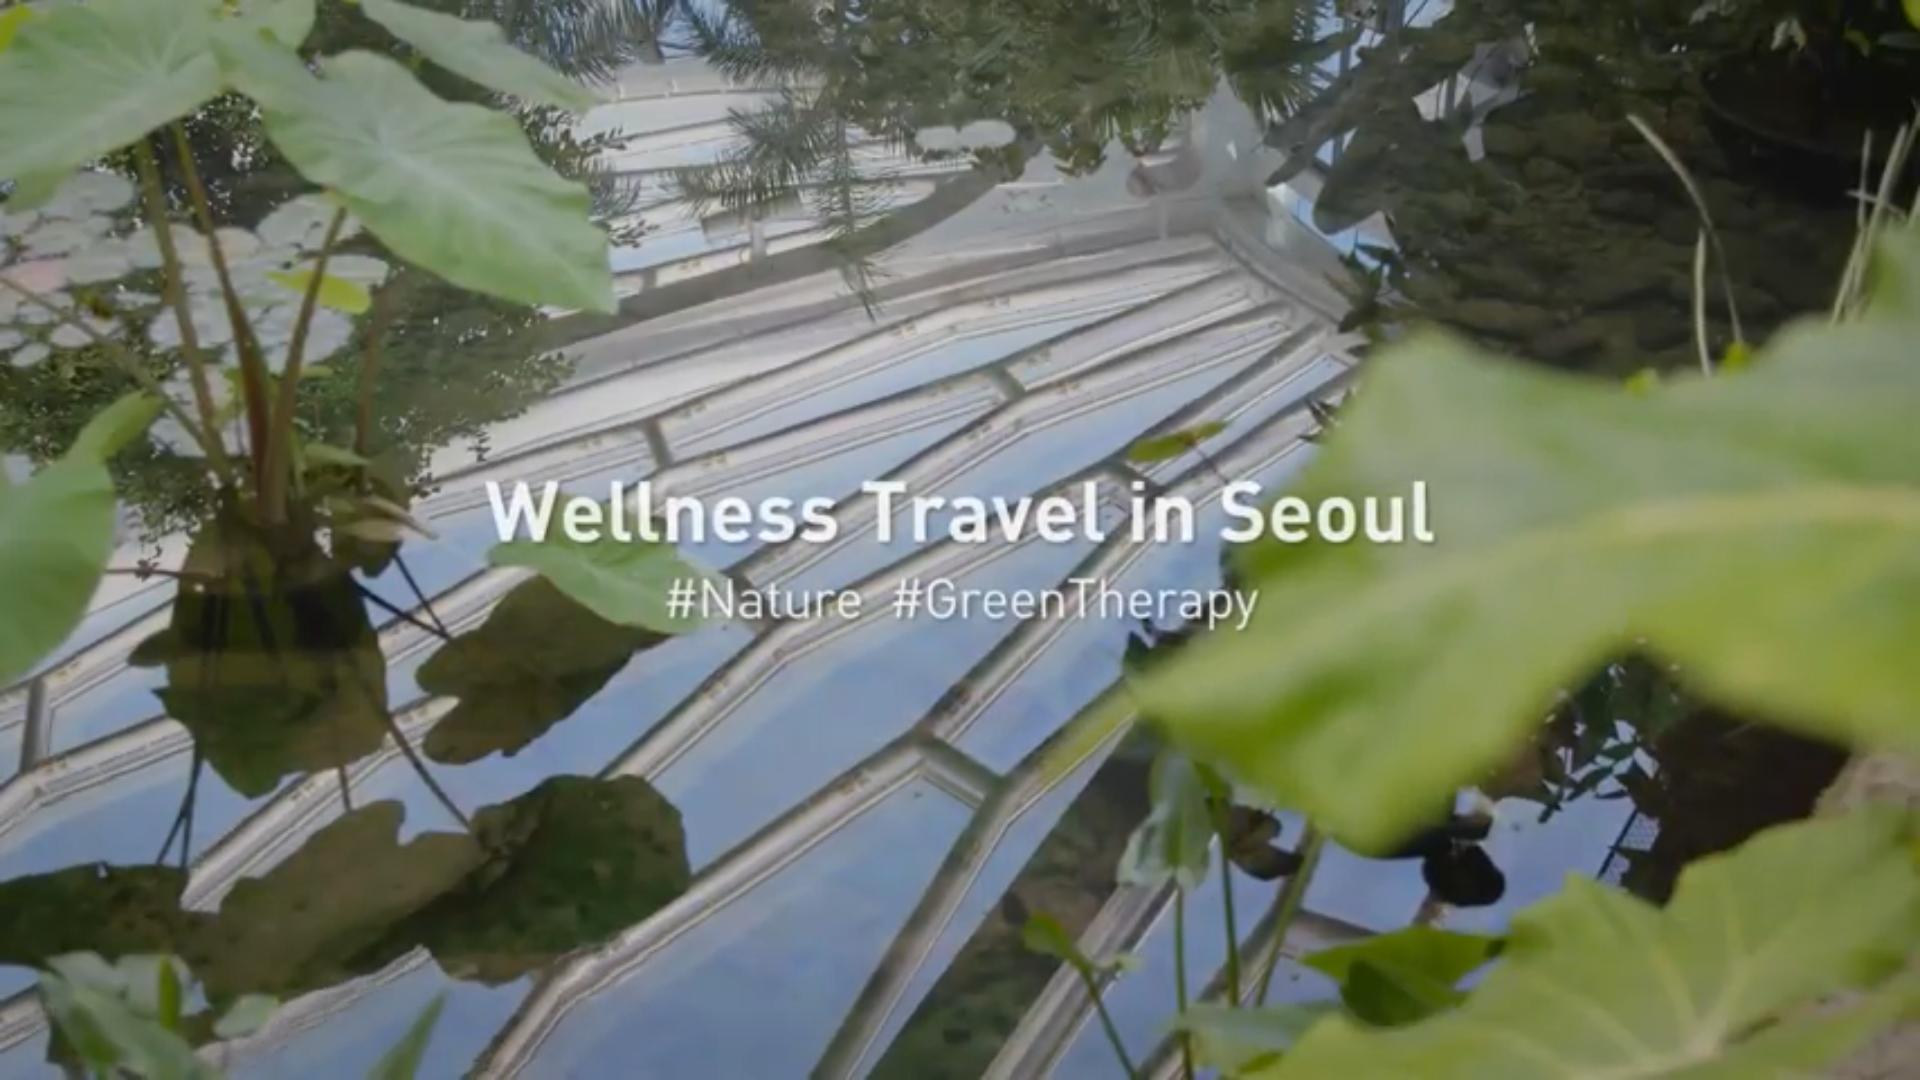 지친 일상에서 벗어나 서울의 자연 속으로 떠나는 힐링 여행